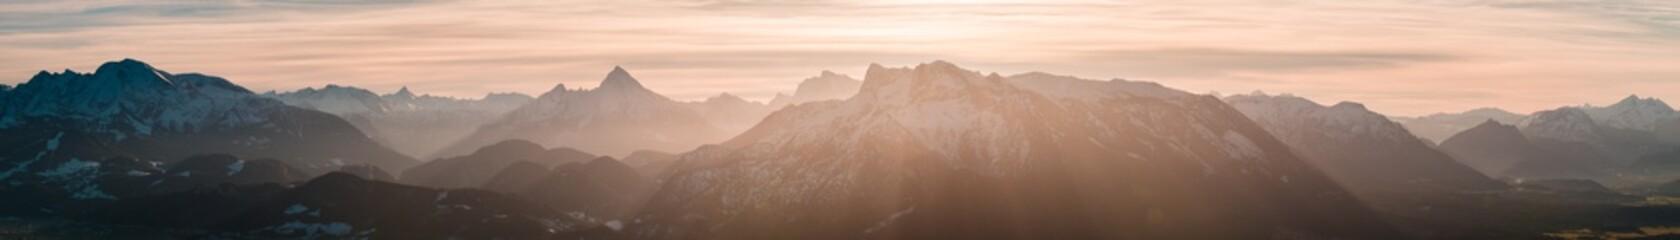 Berge im Licht der Sonne